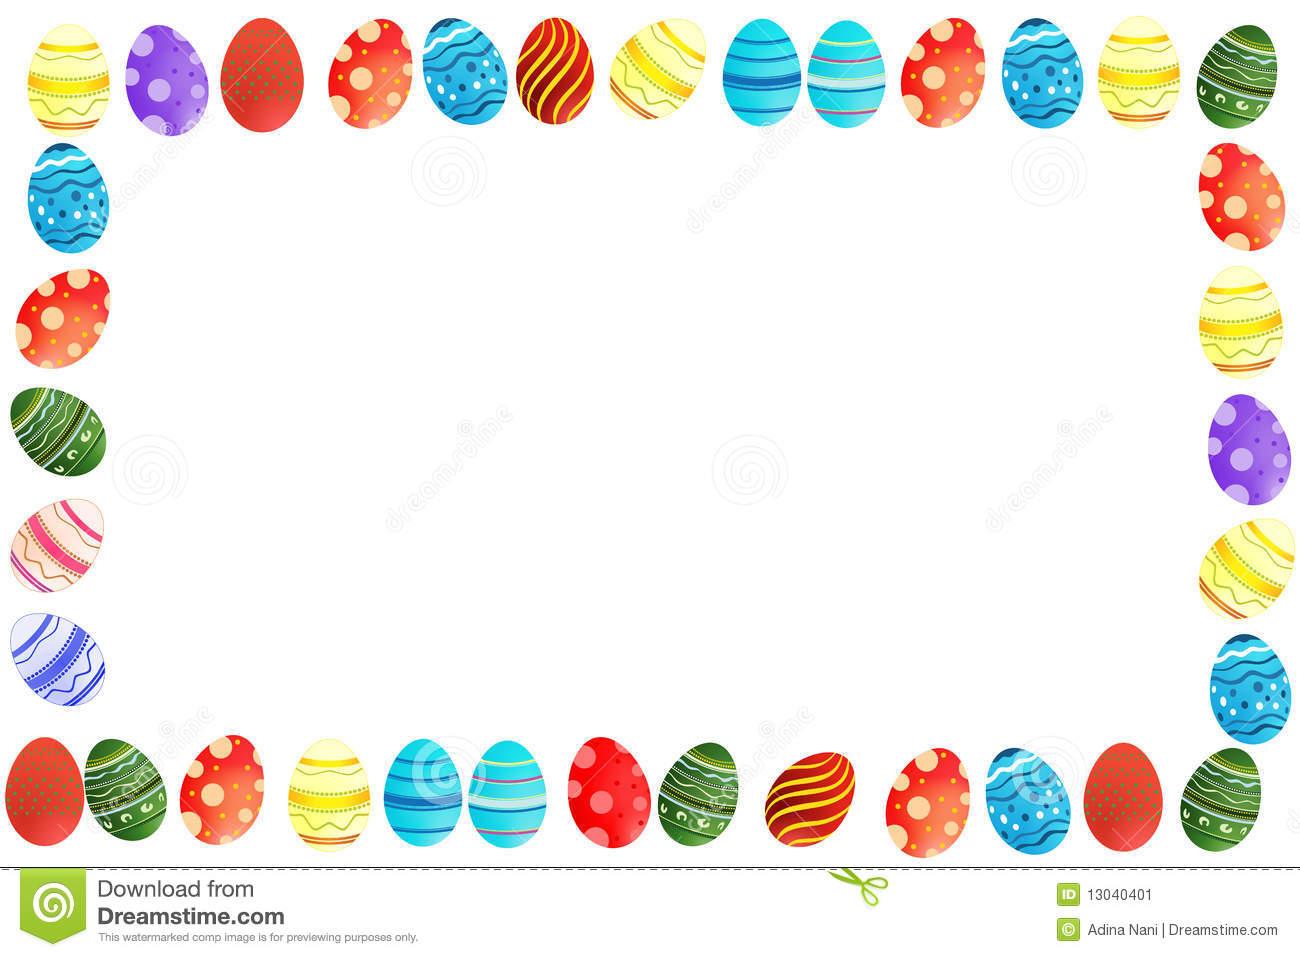 Boarder clipart easter egg. Border